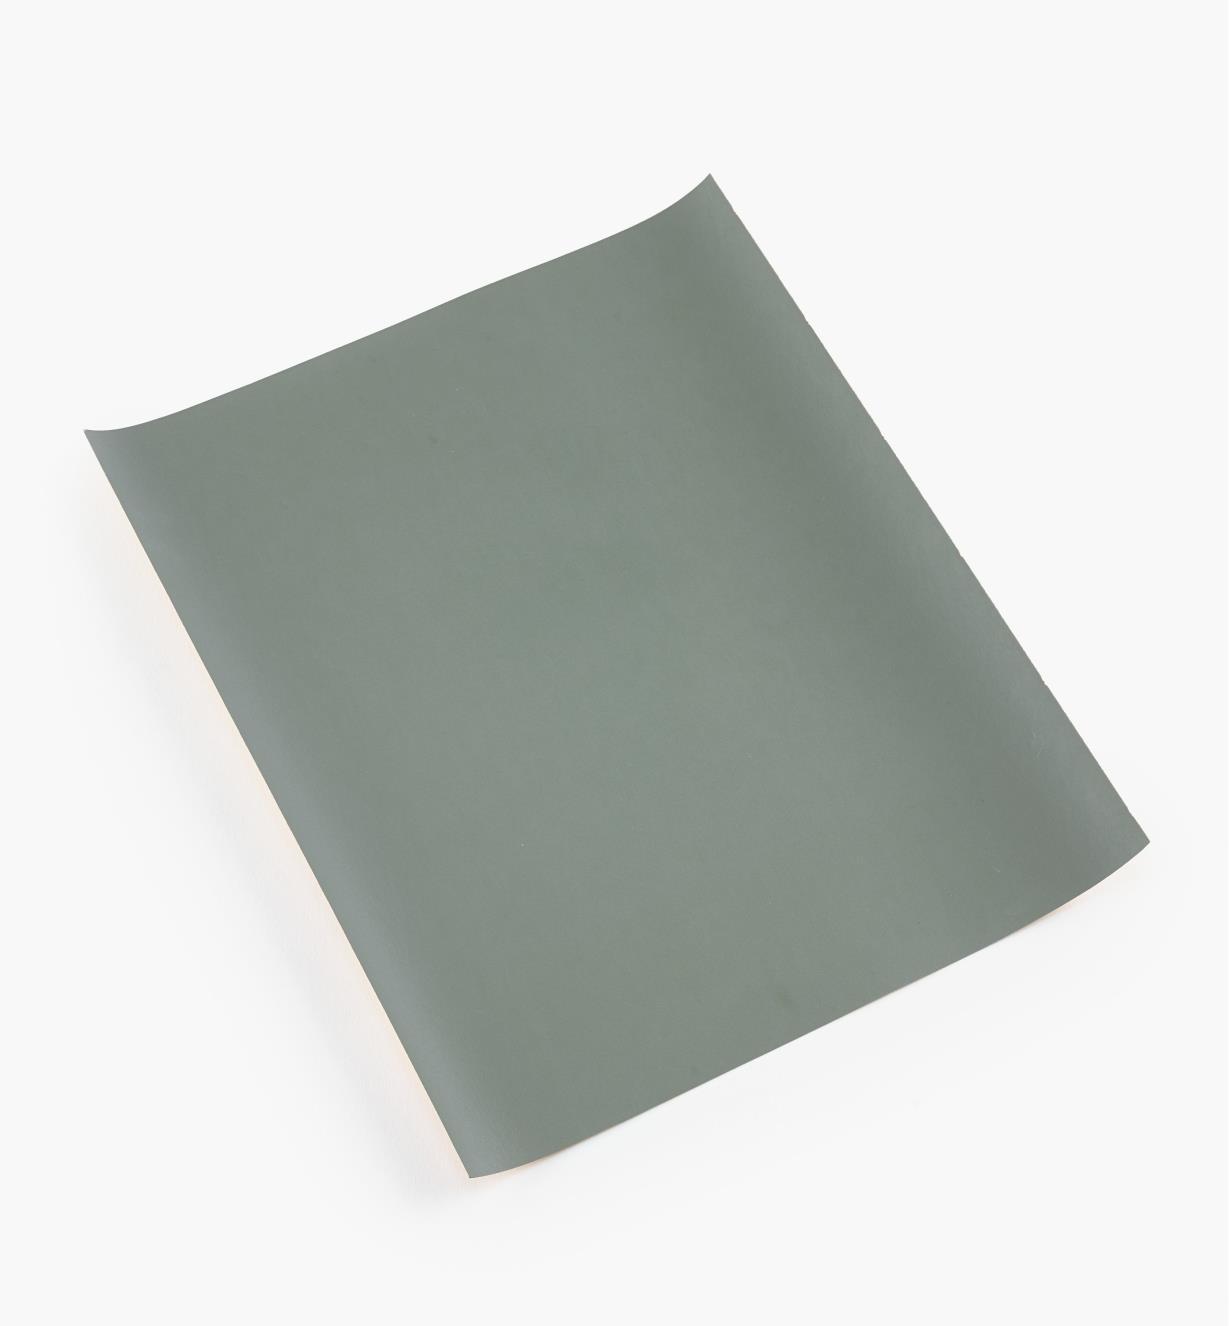 54K8107 - 3M Wet/Dry Sandpaper, 2000A (1µ)